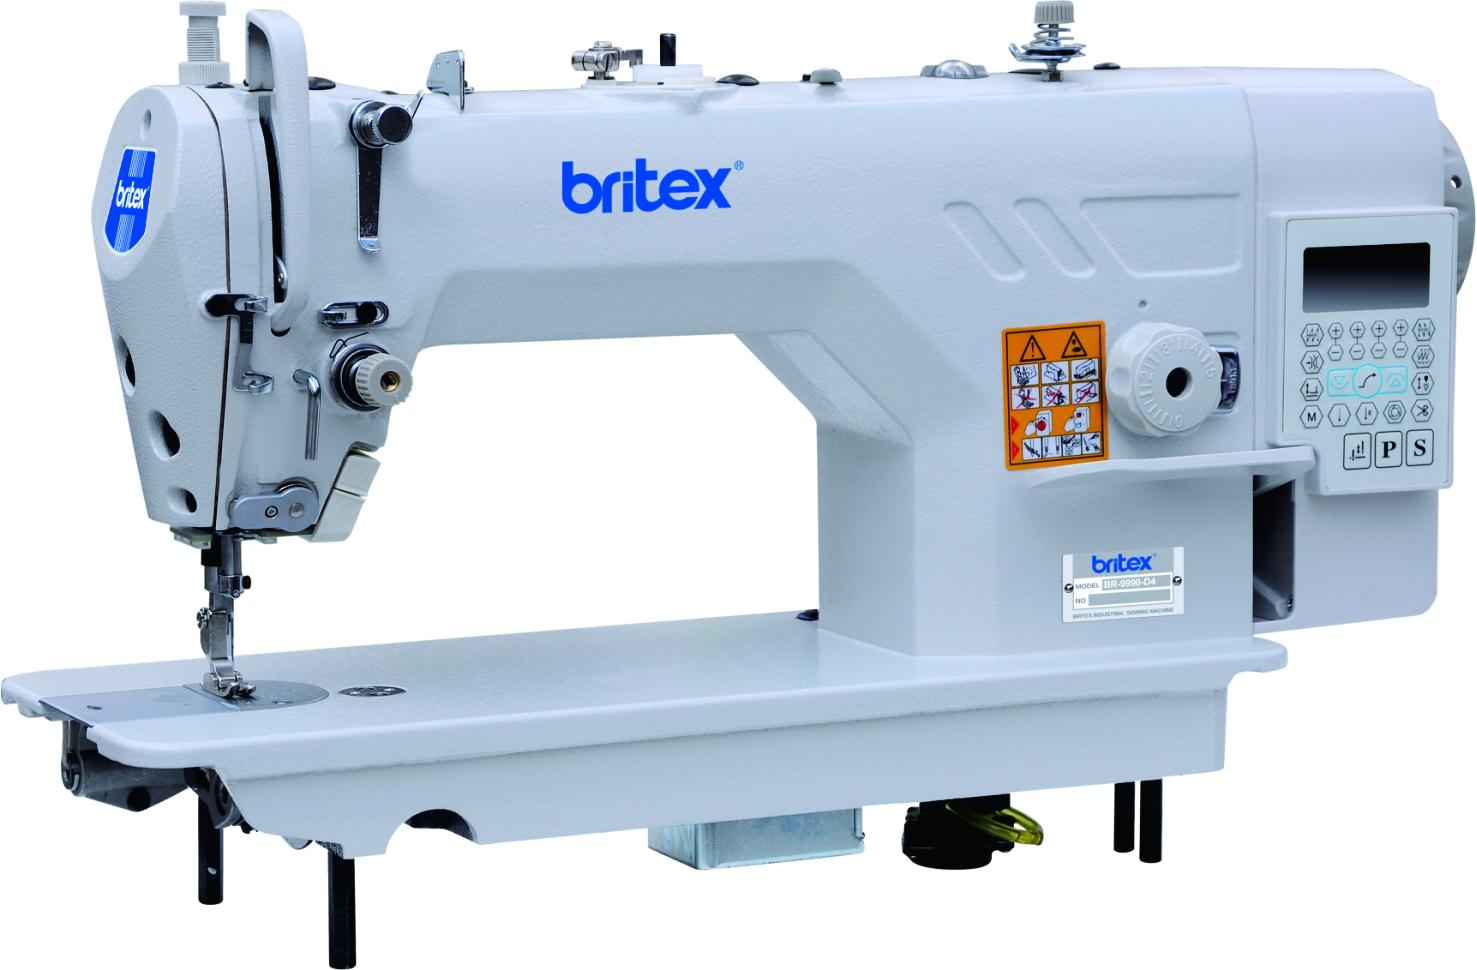 Máy may 01 kim điện tử, cắt chỉ tự động - Hiệu: Britex, Model: BR-9910-D3.